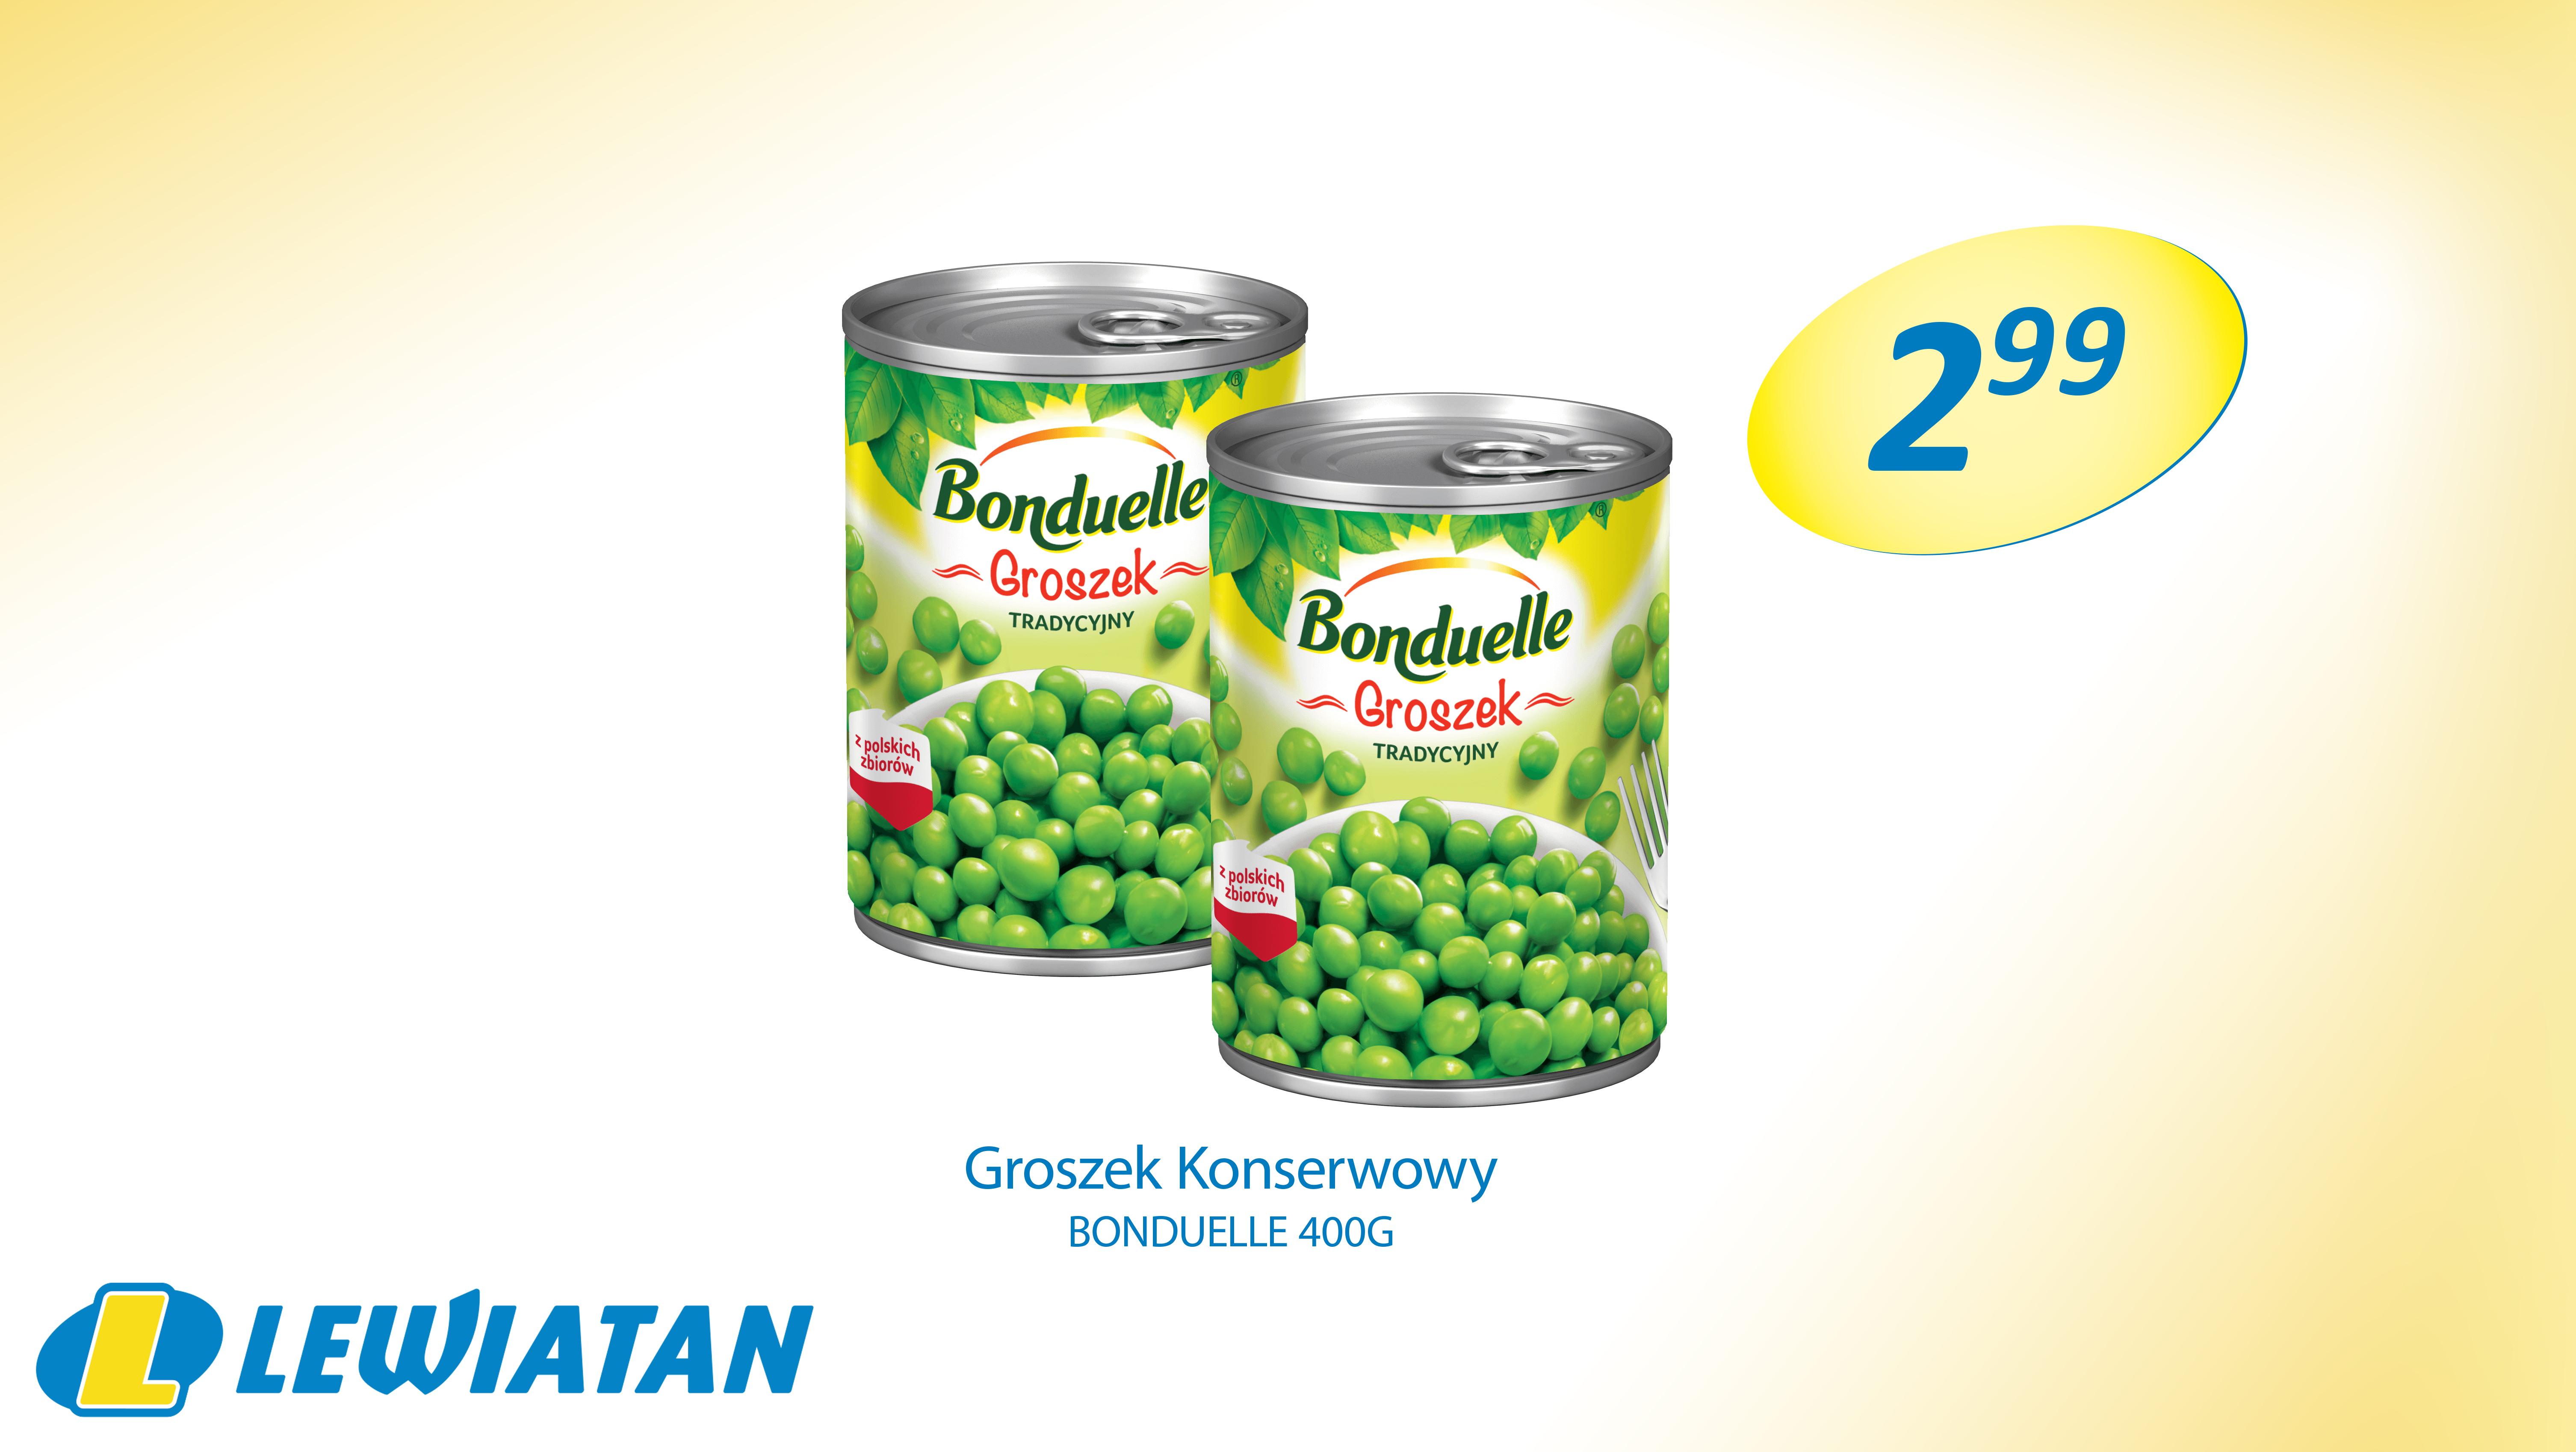 groszek-bonduelle-299